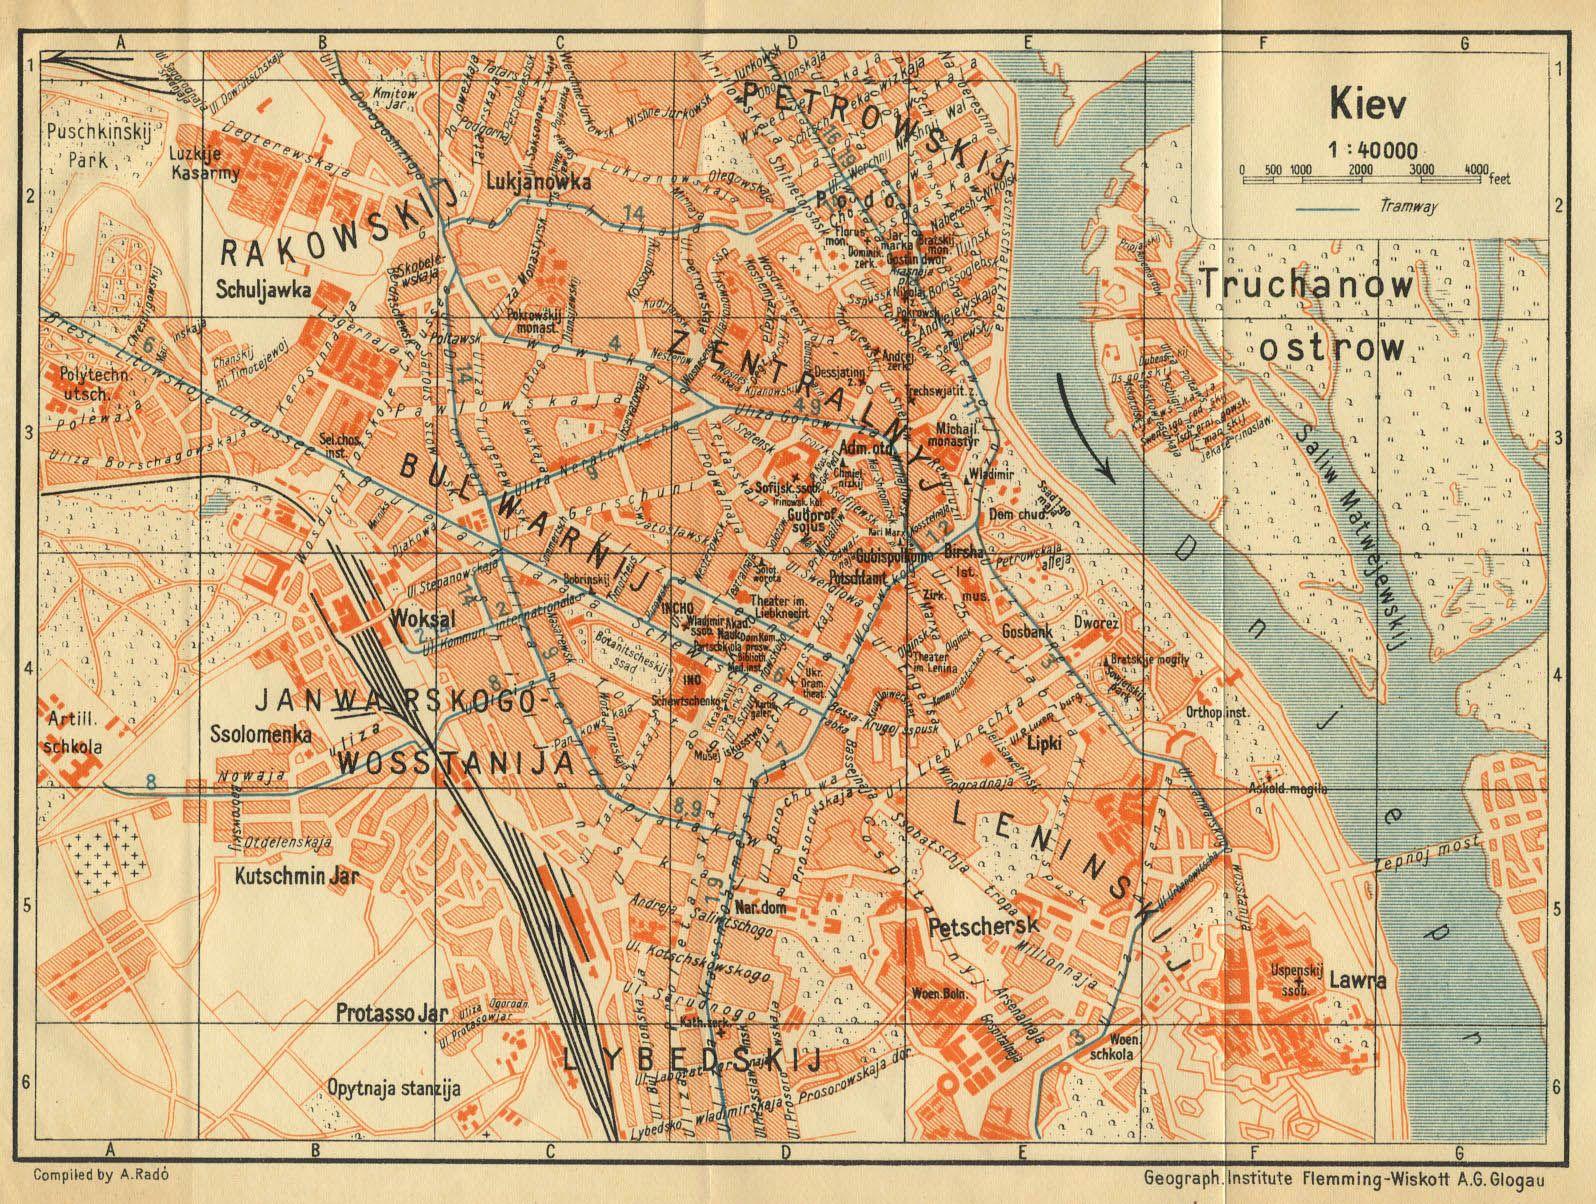 карта россии1925 году